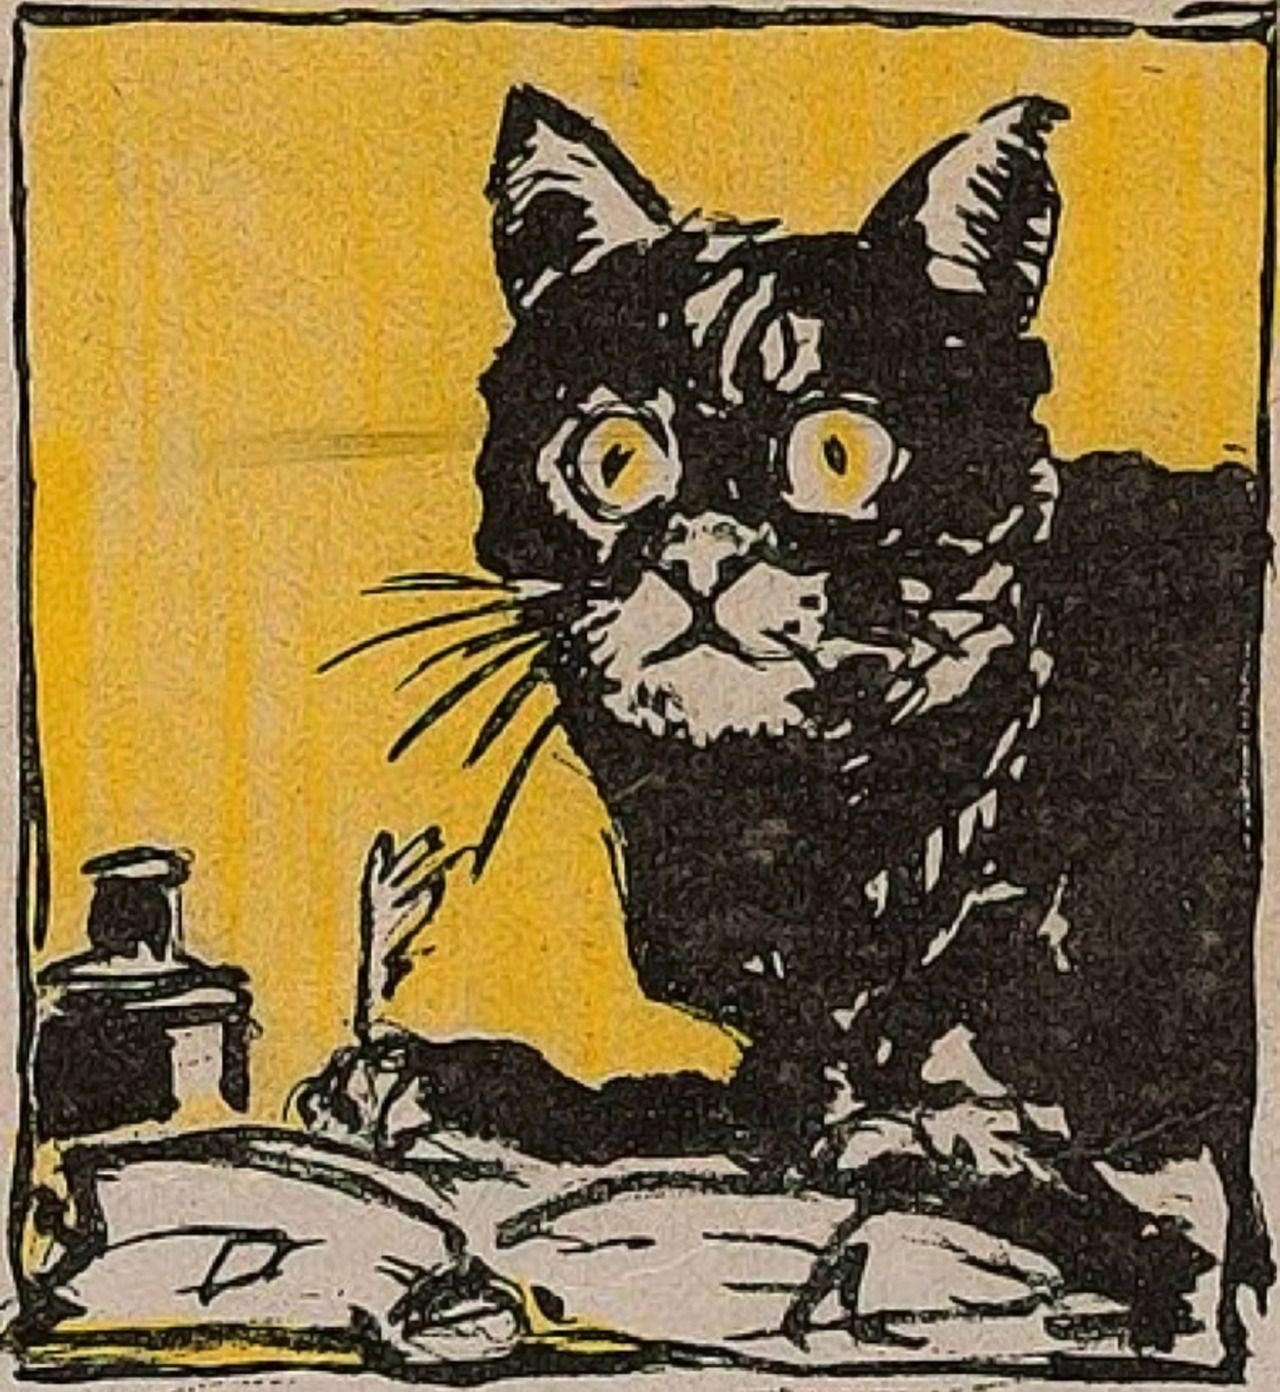 jugend 1919 black cat pop art retro vintage illustration feeling